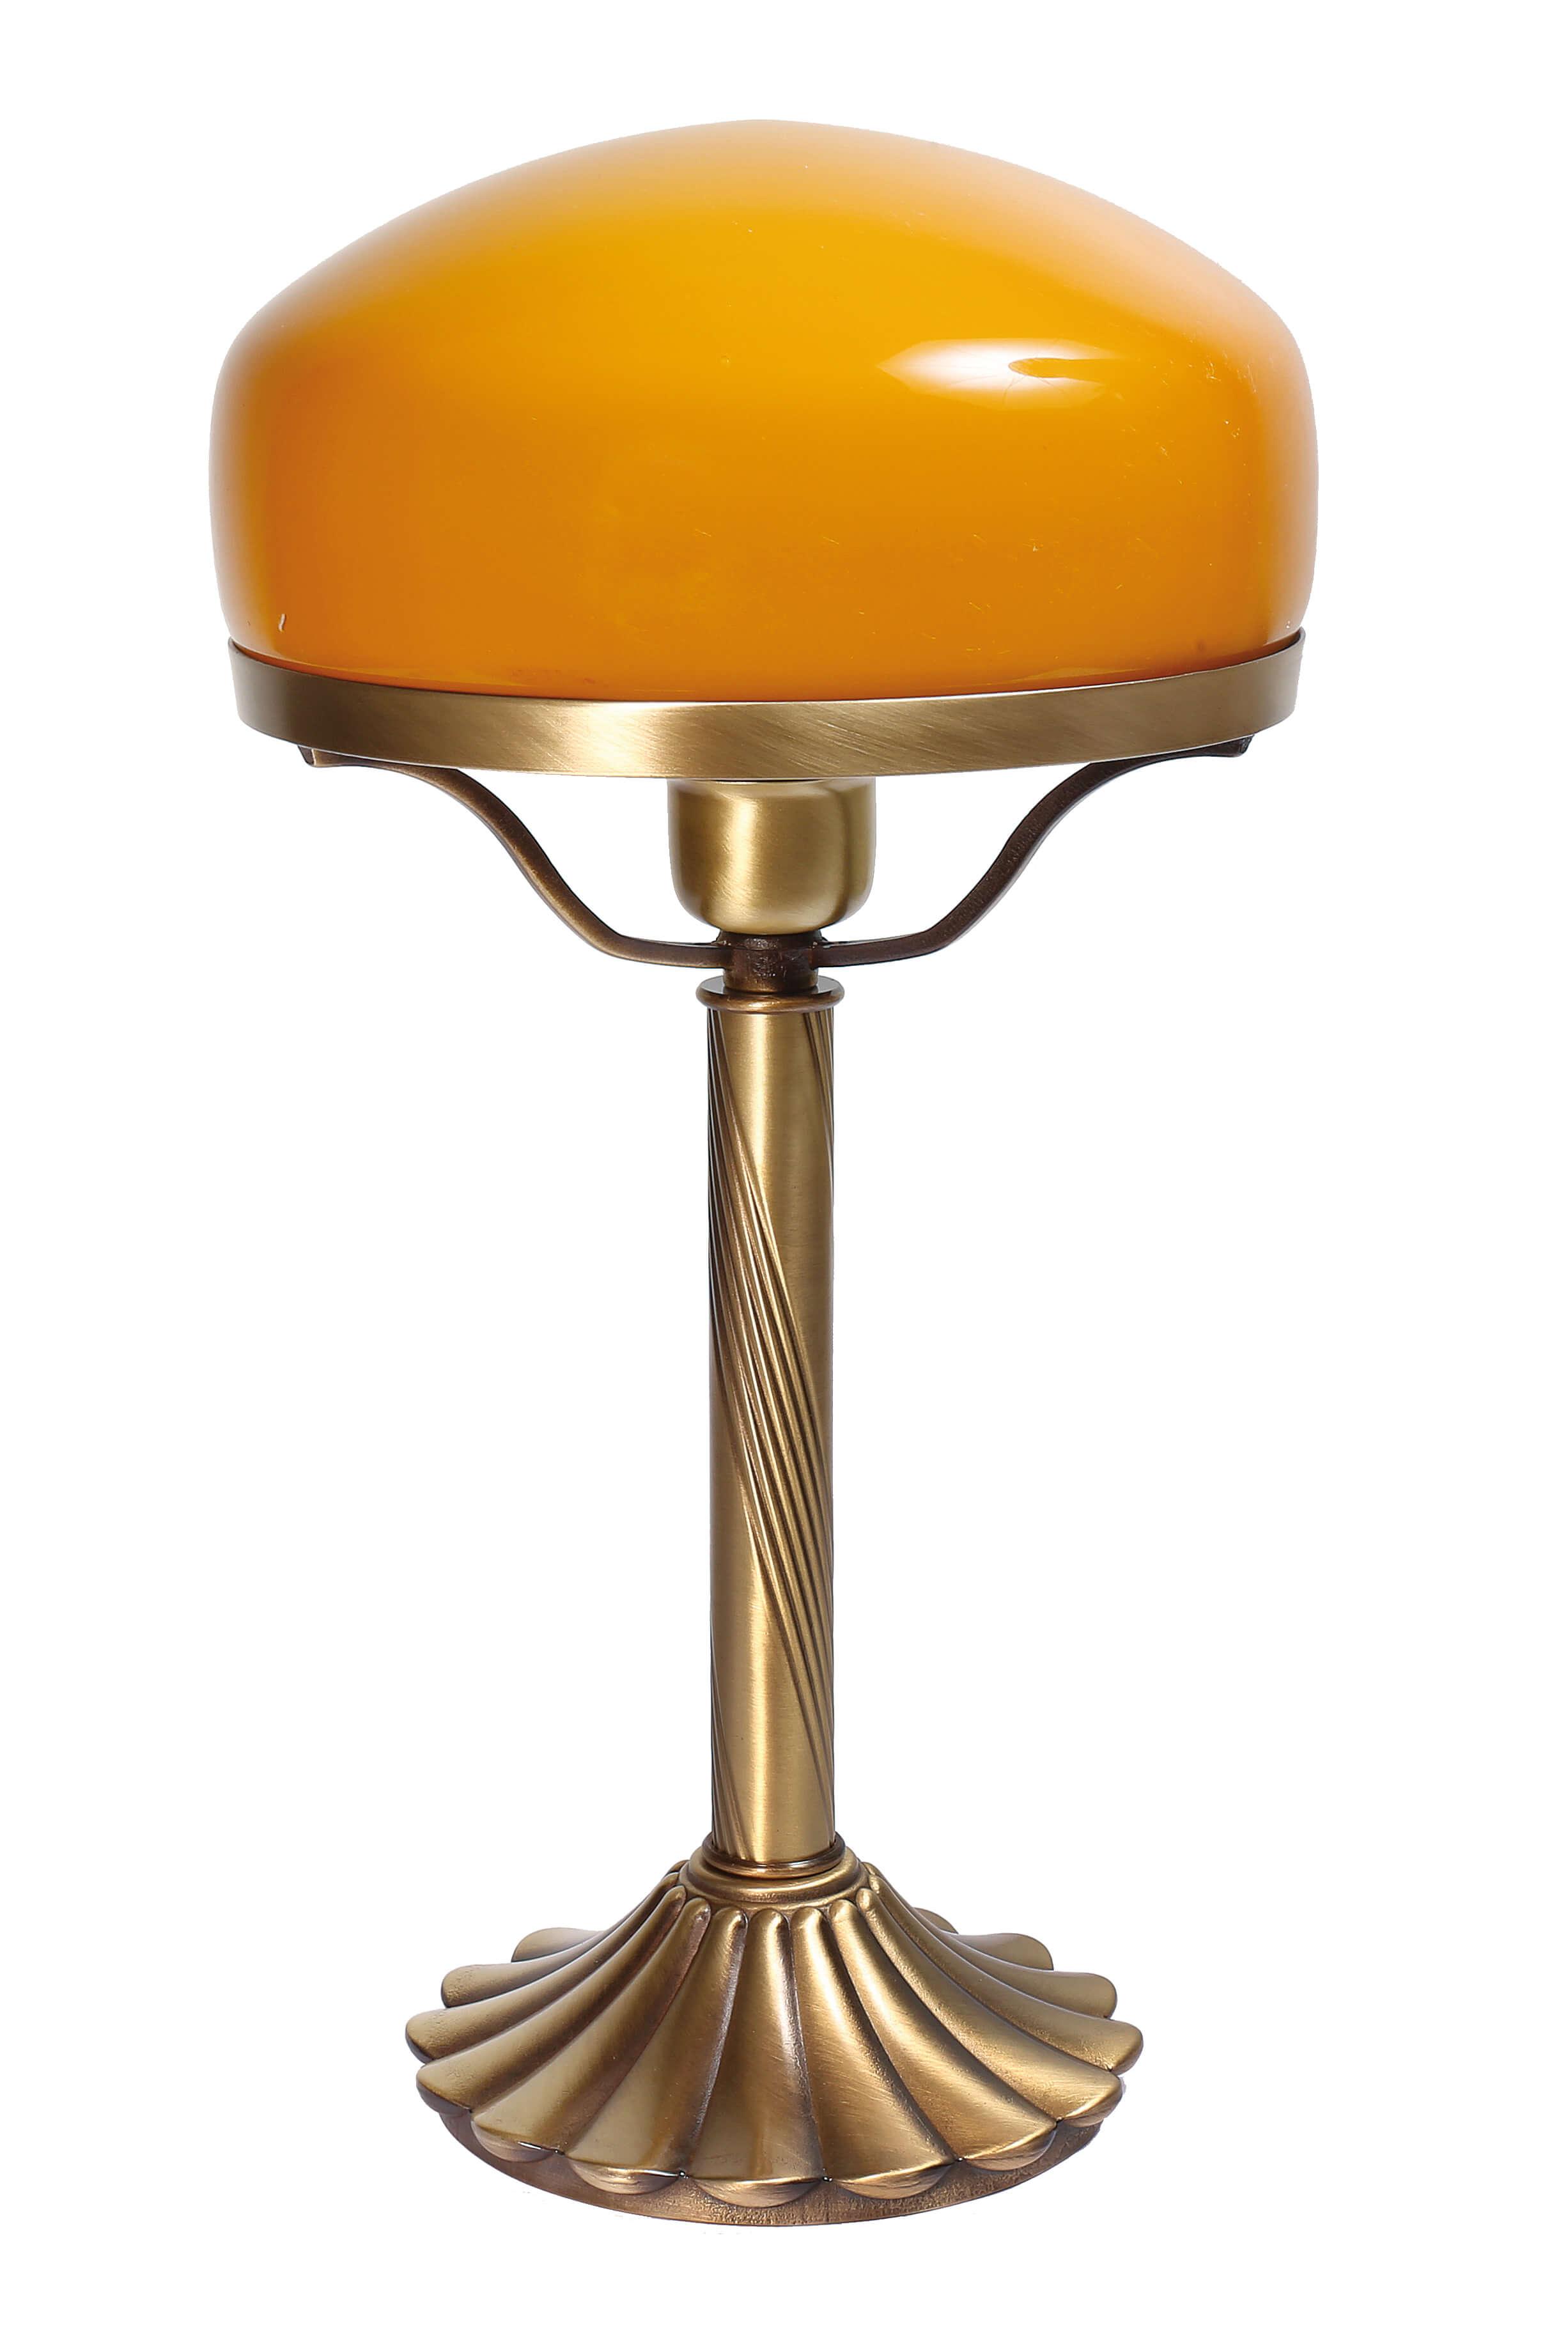 Echte Messing Tischleuchte Orange Glas Schirm